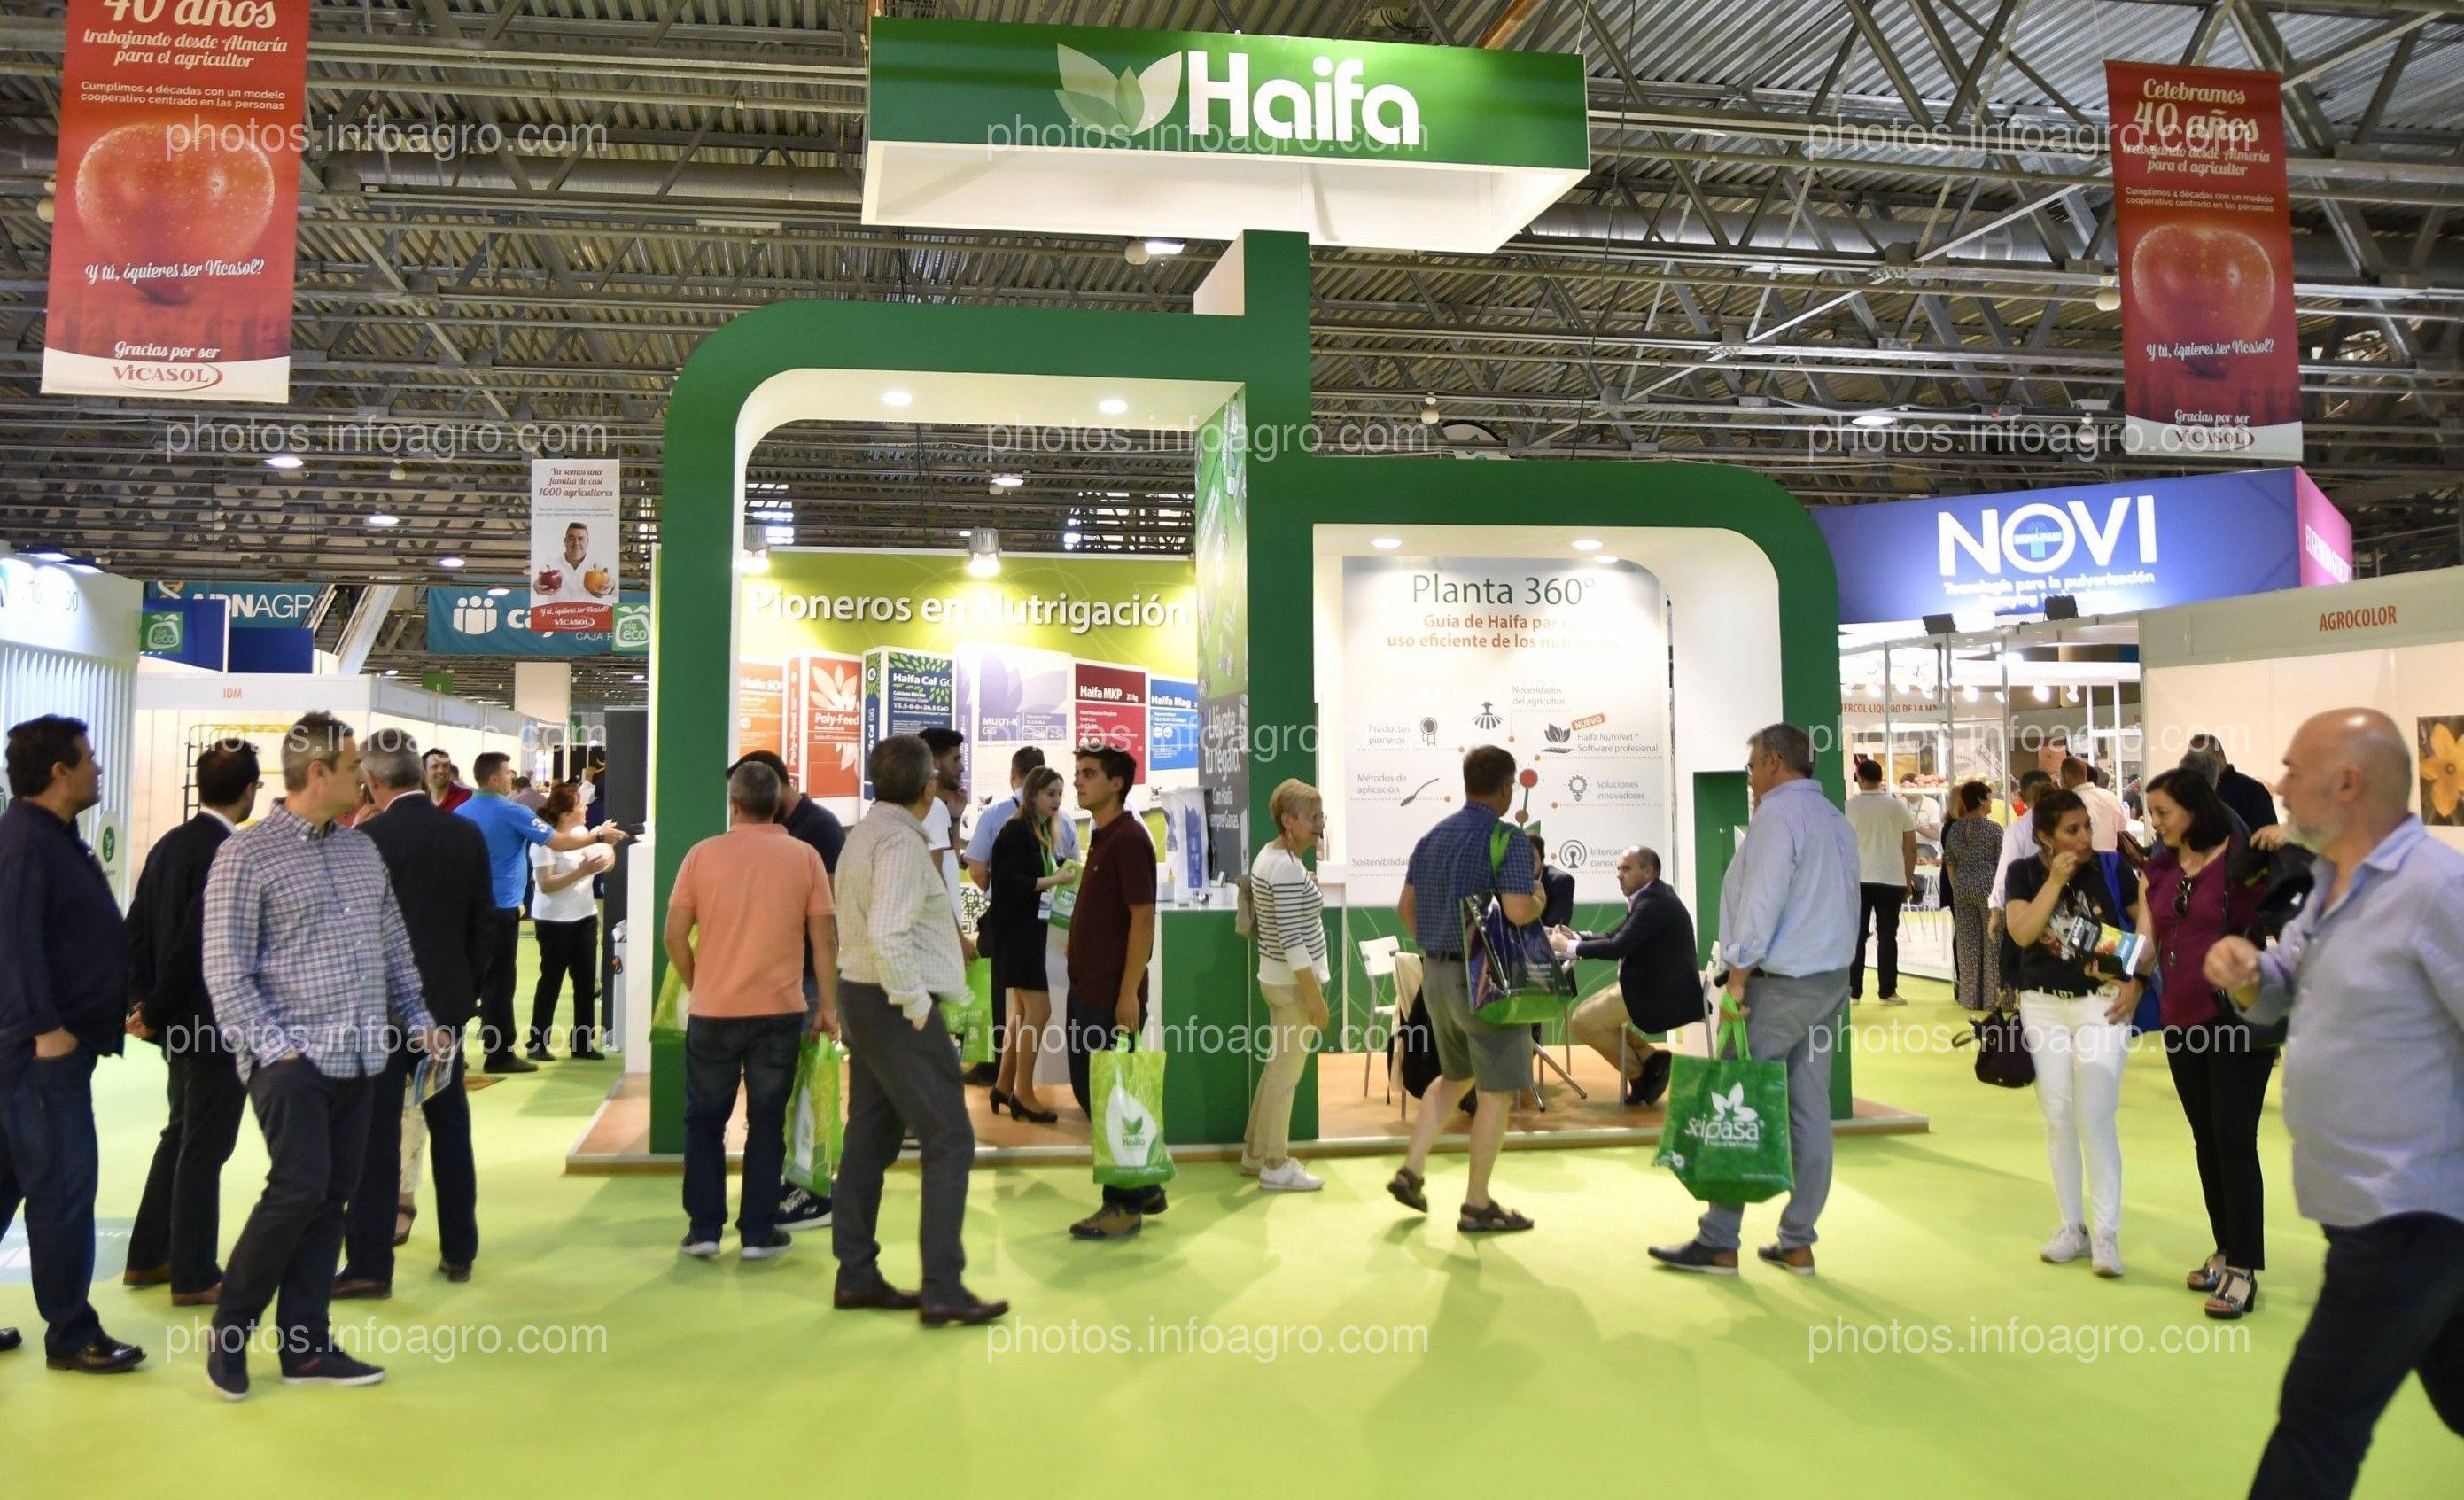 Haifa - Stand Infoagro Exhibition